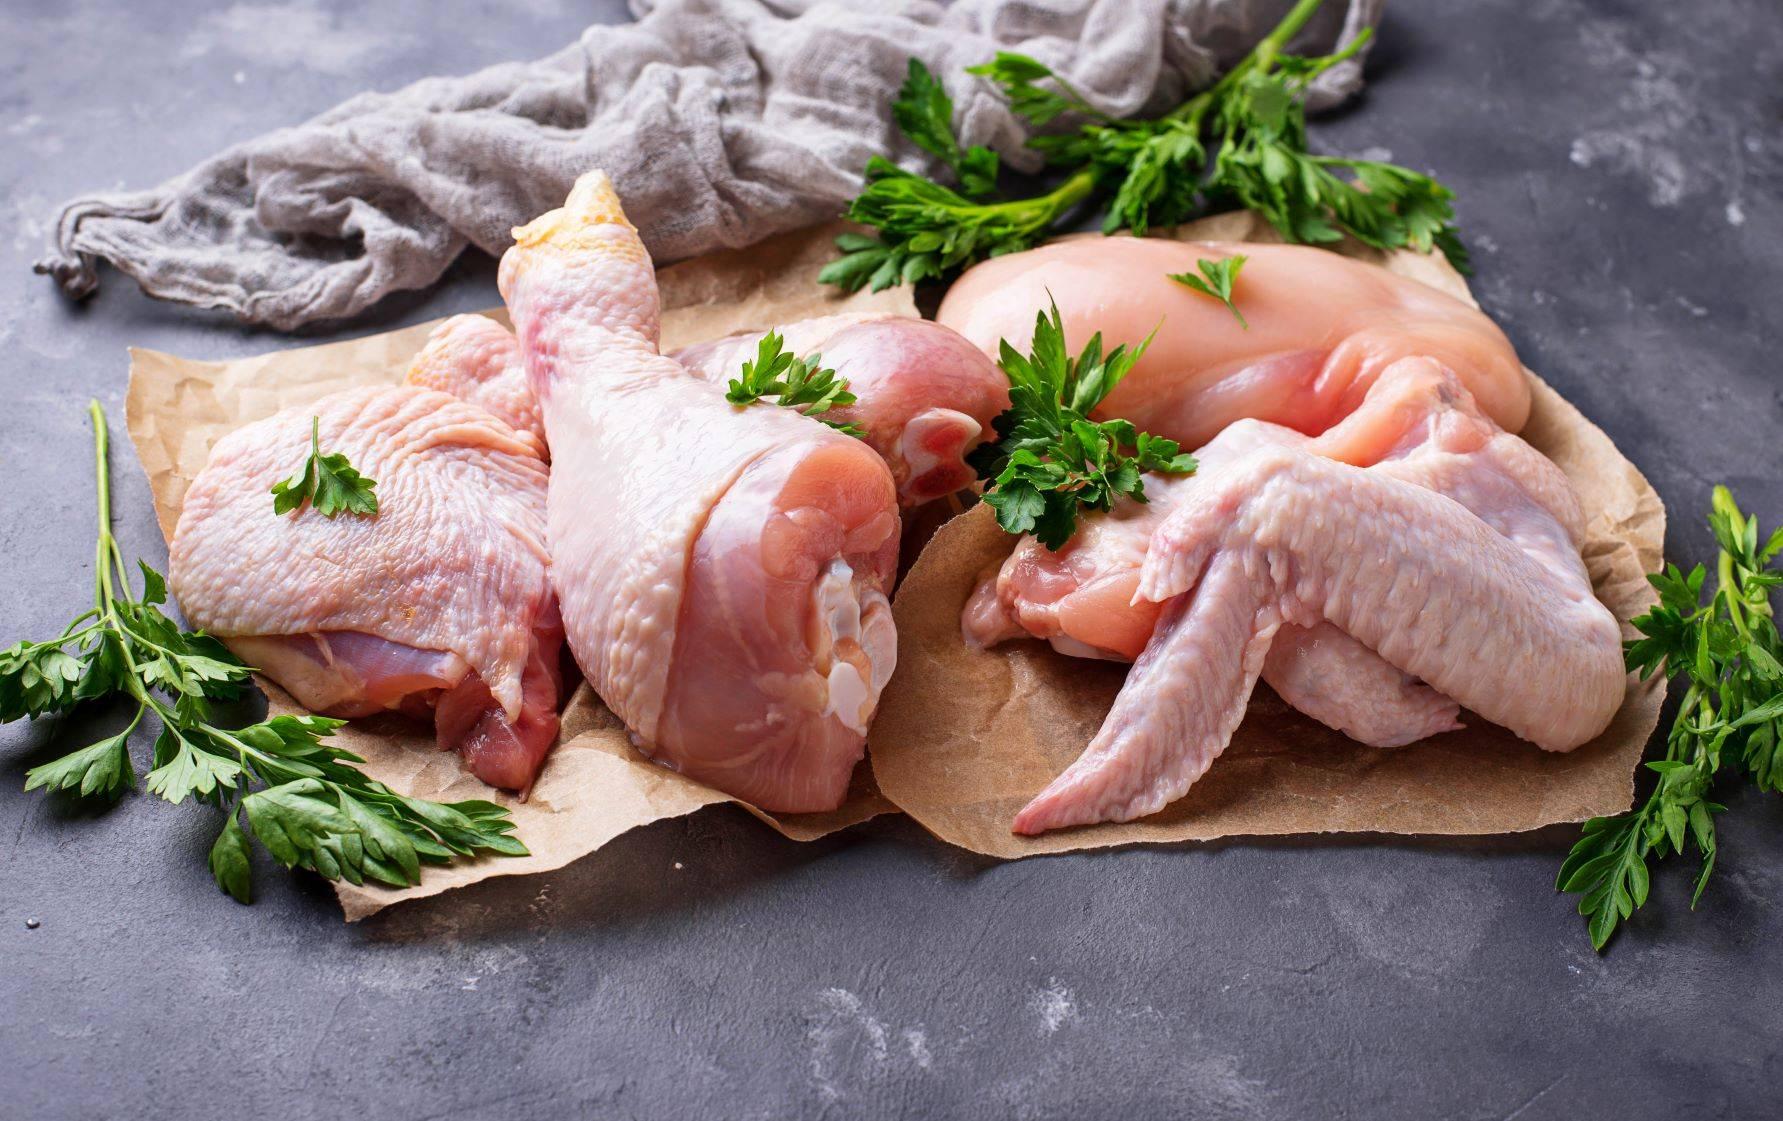 Kurczak zagrodowy - zdrowy czy nie?